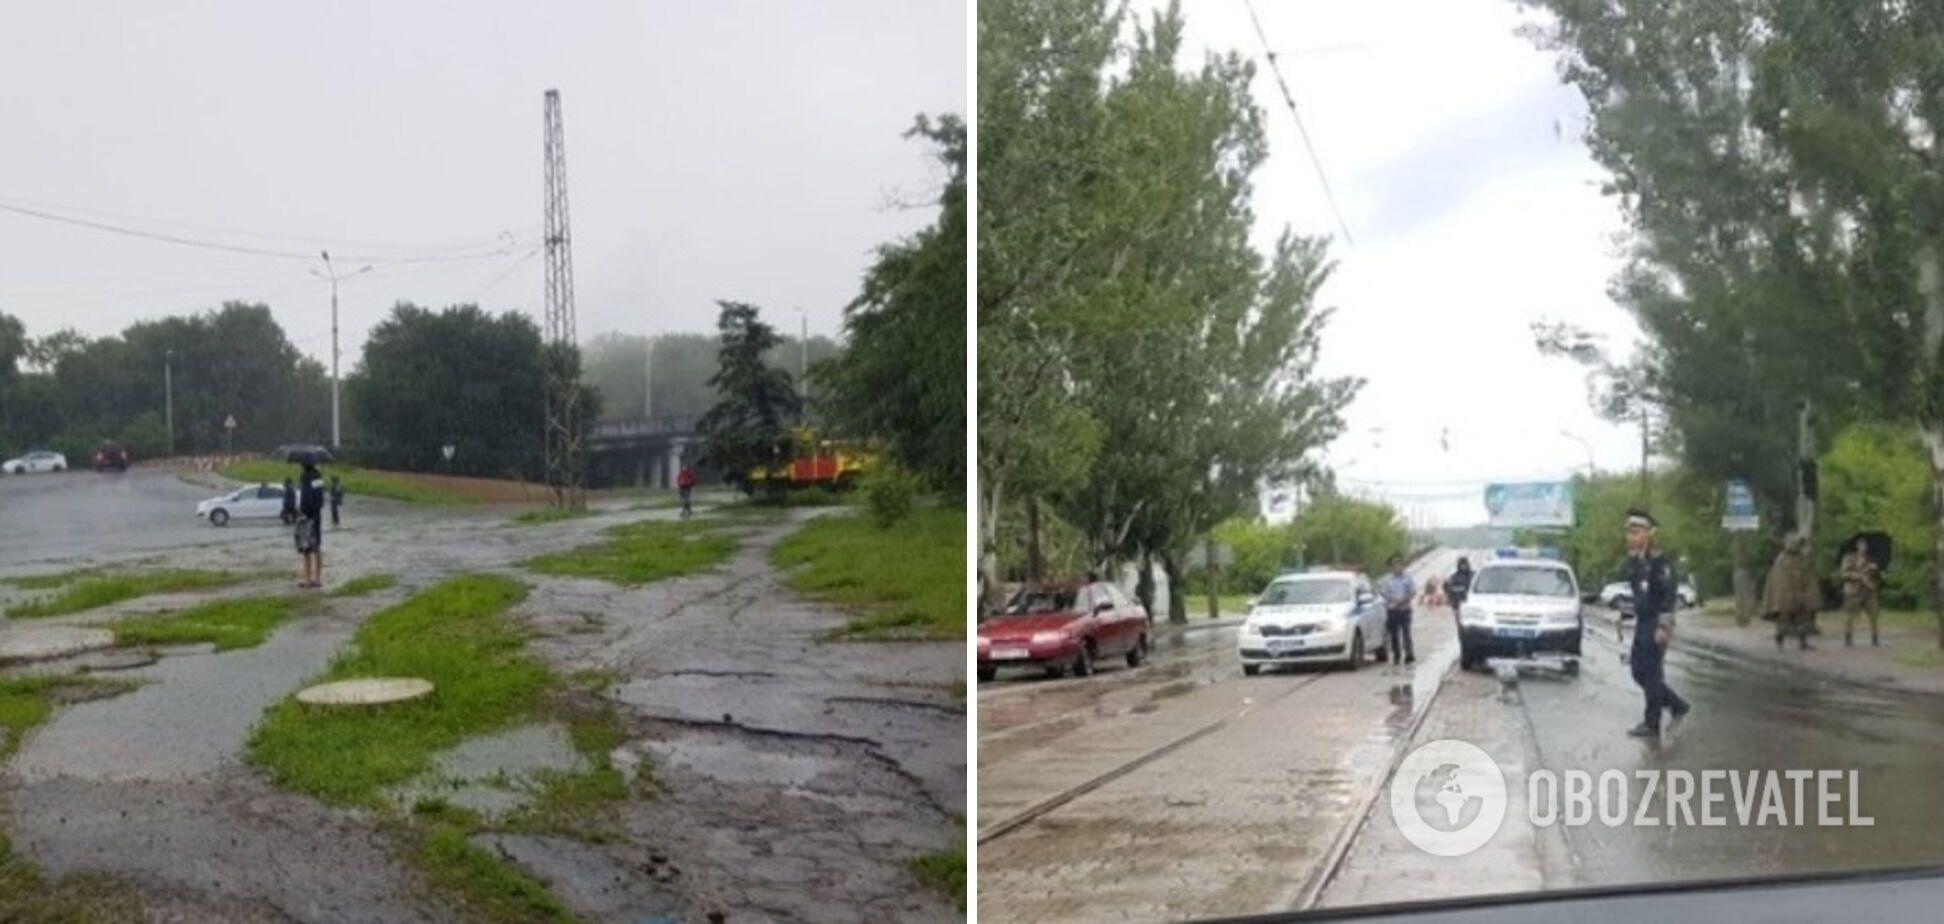 Дорога рядом с местом ЧП была оцеплена